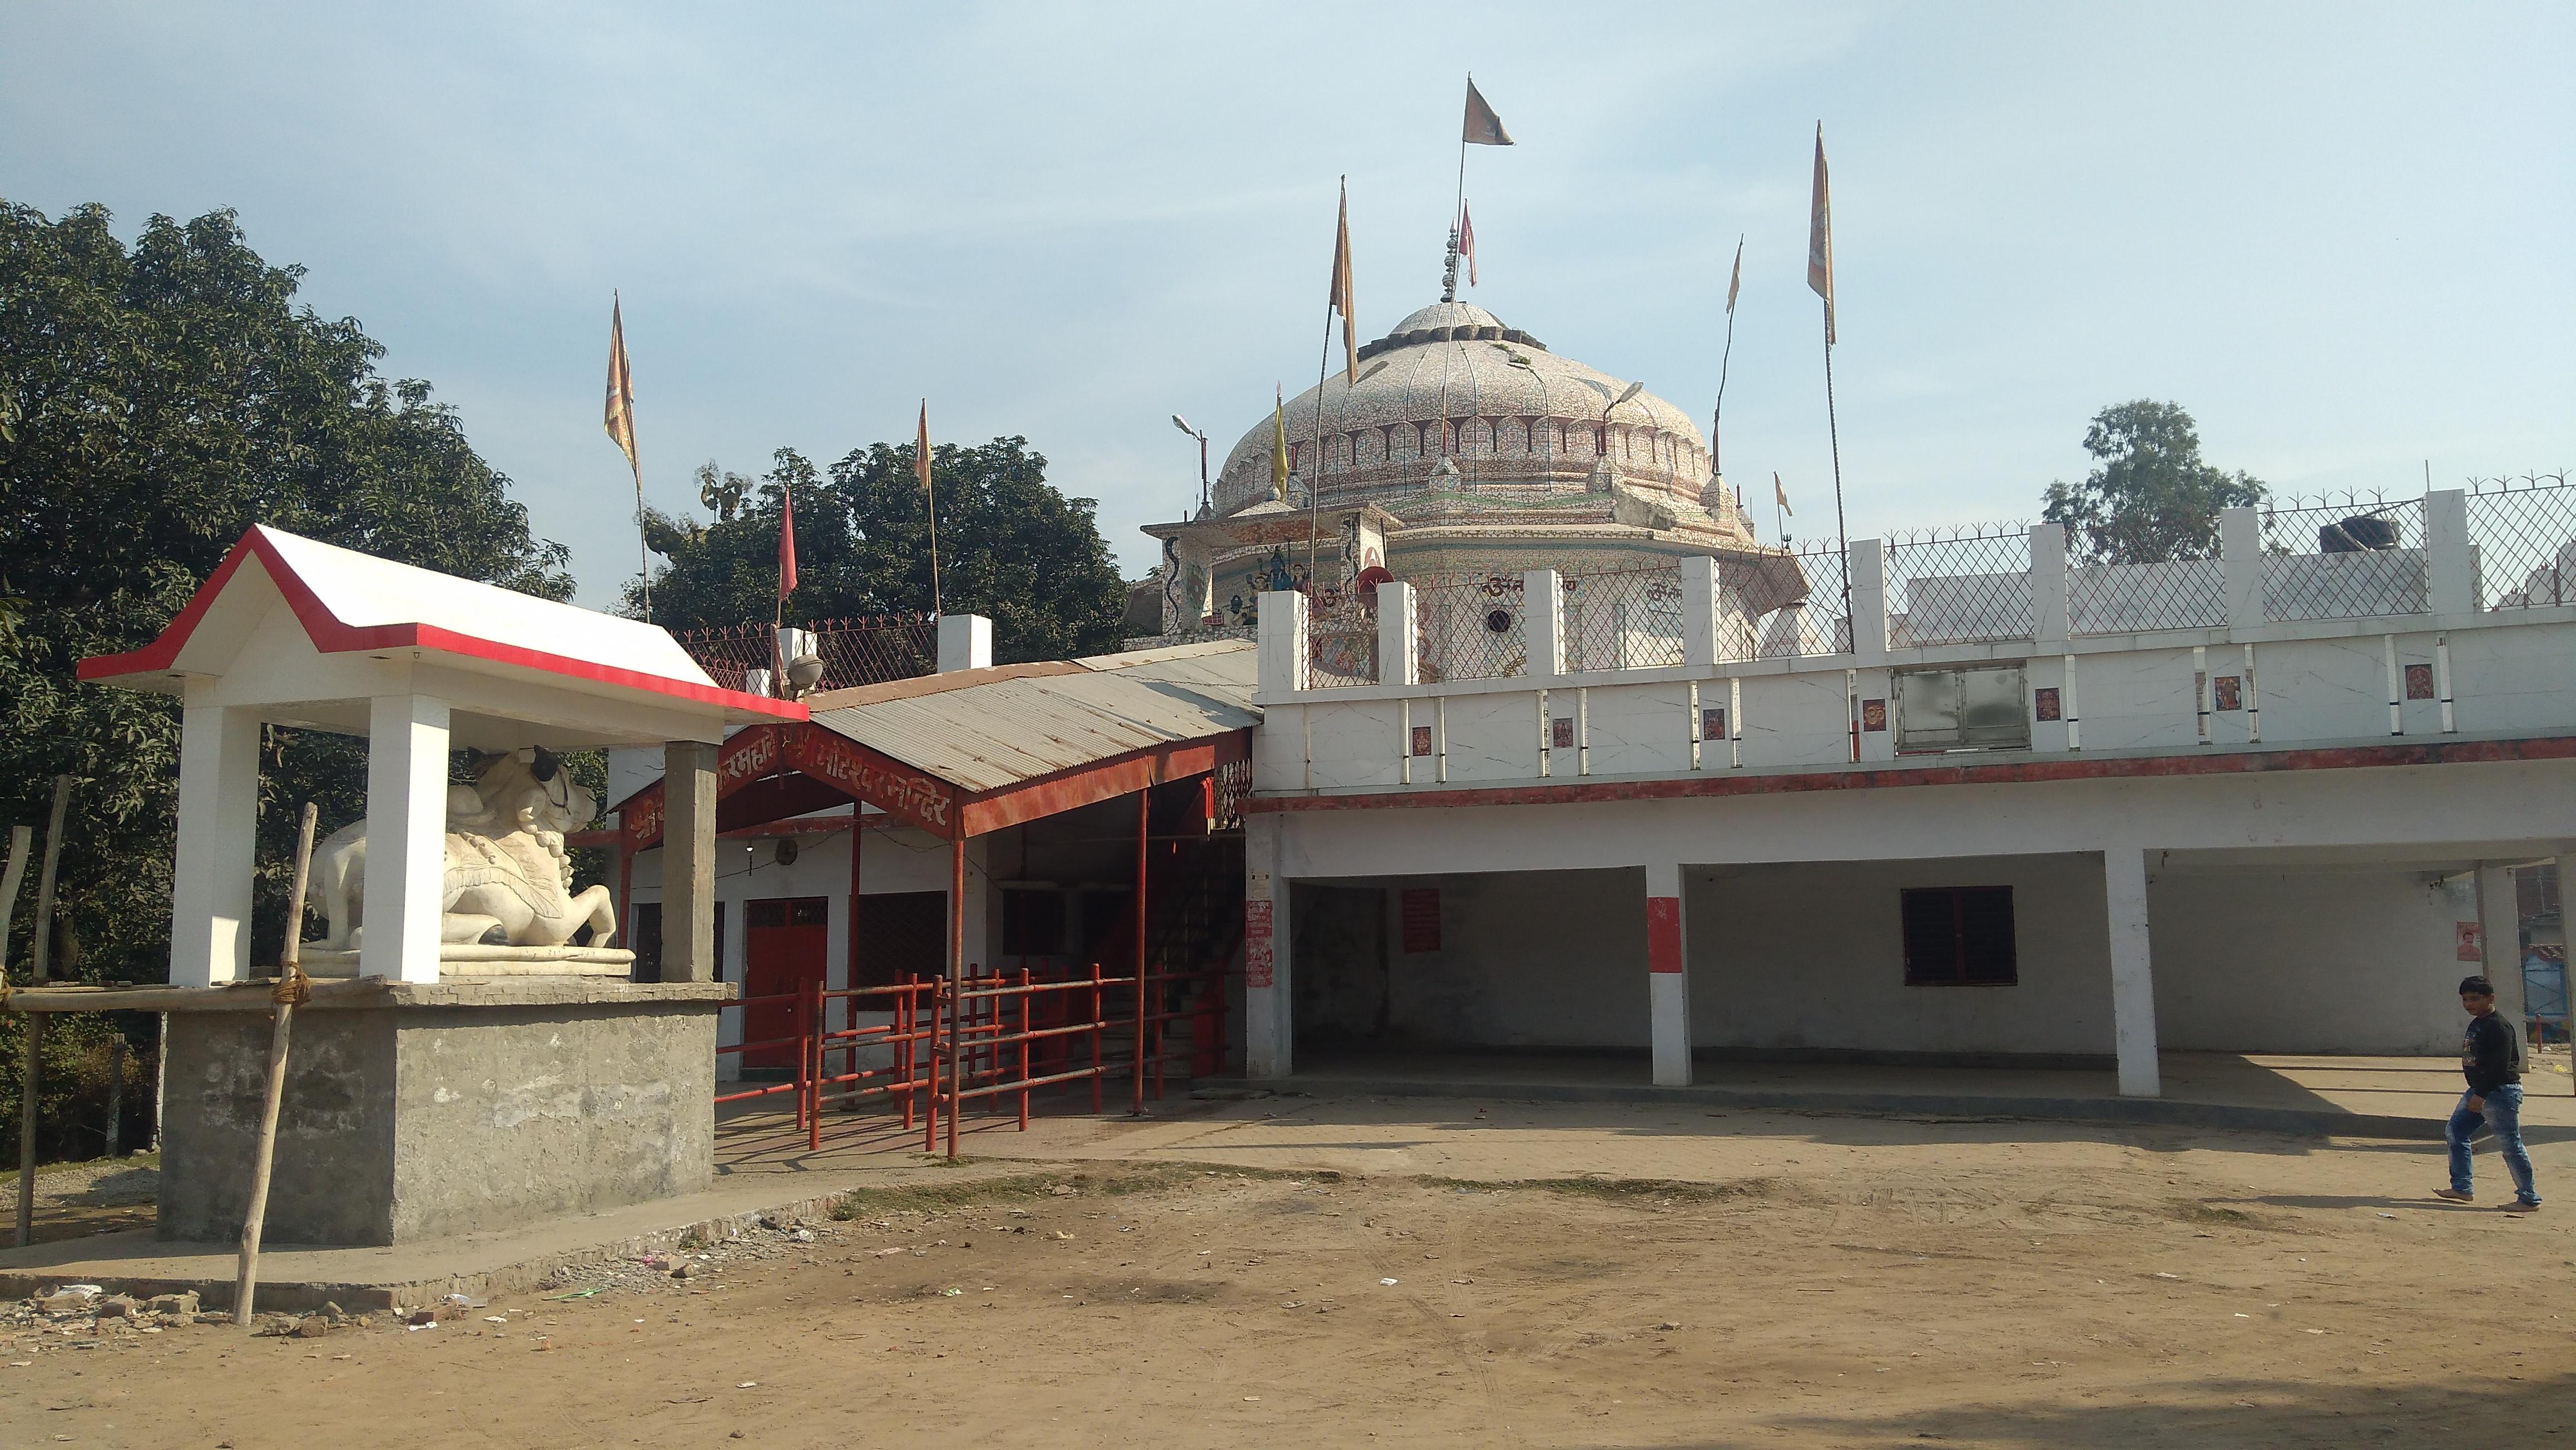 Moteshwar Mahadev - Wikipedia